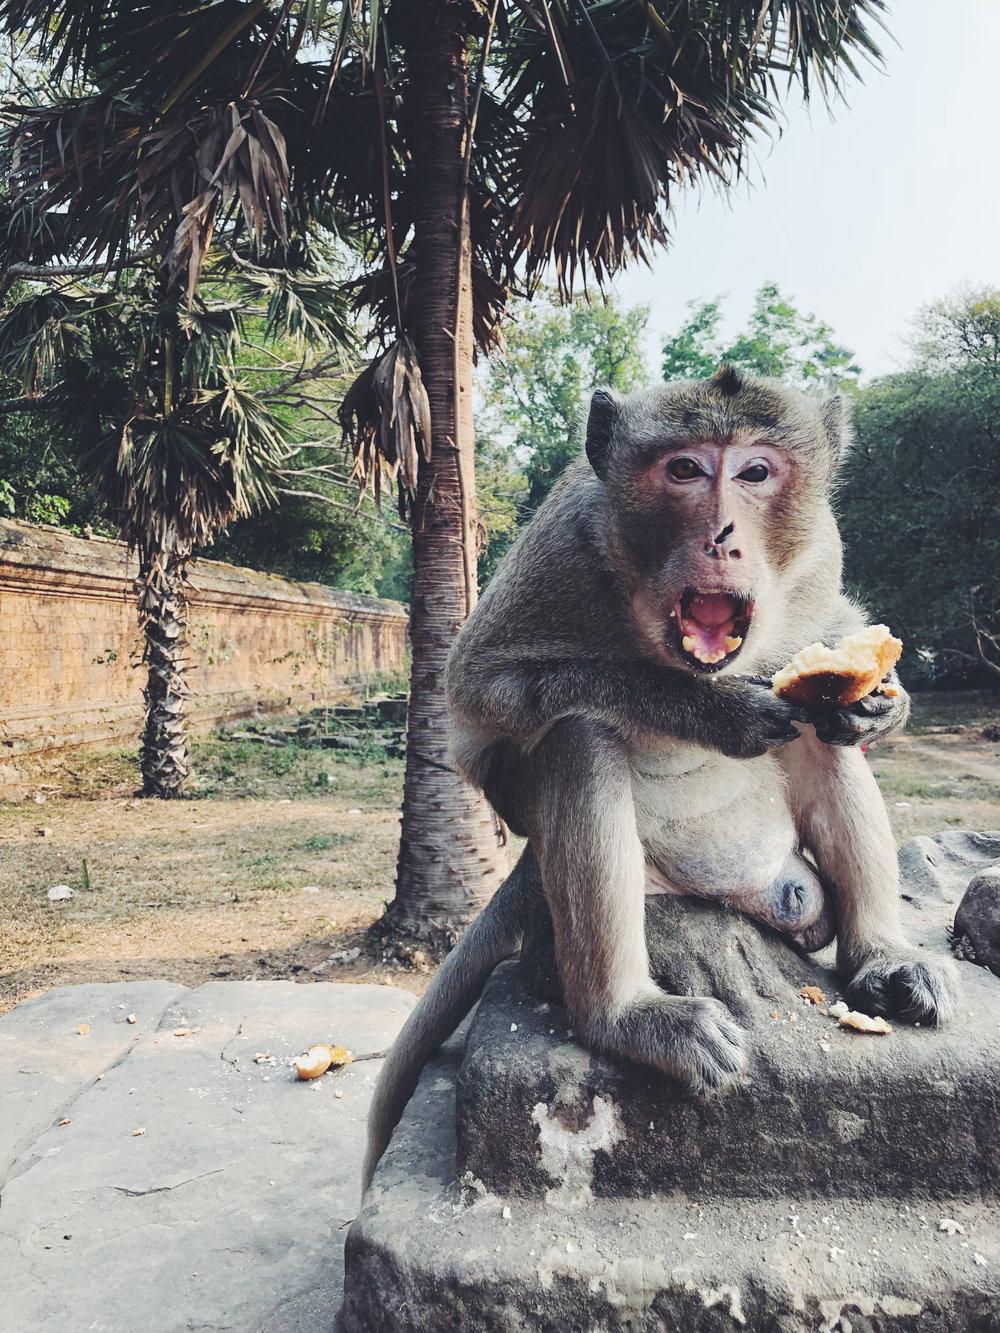 Monkey with Fangs